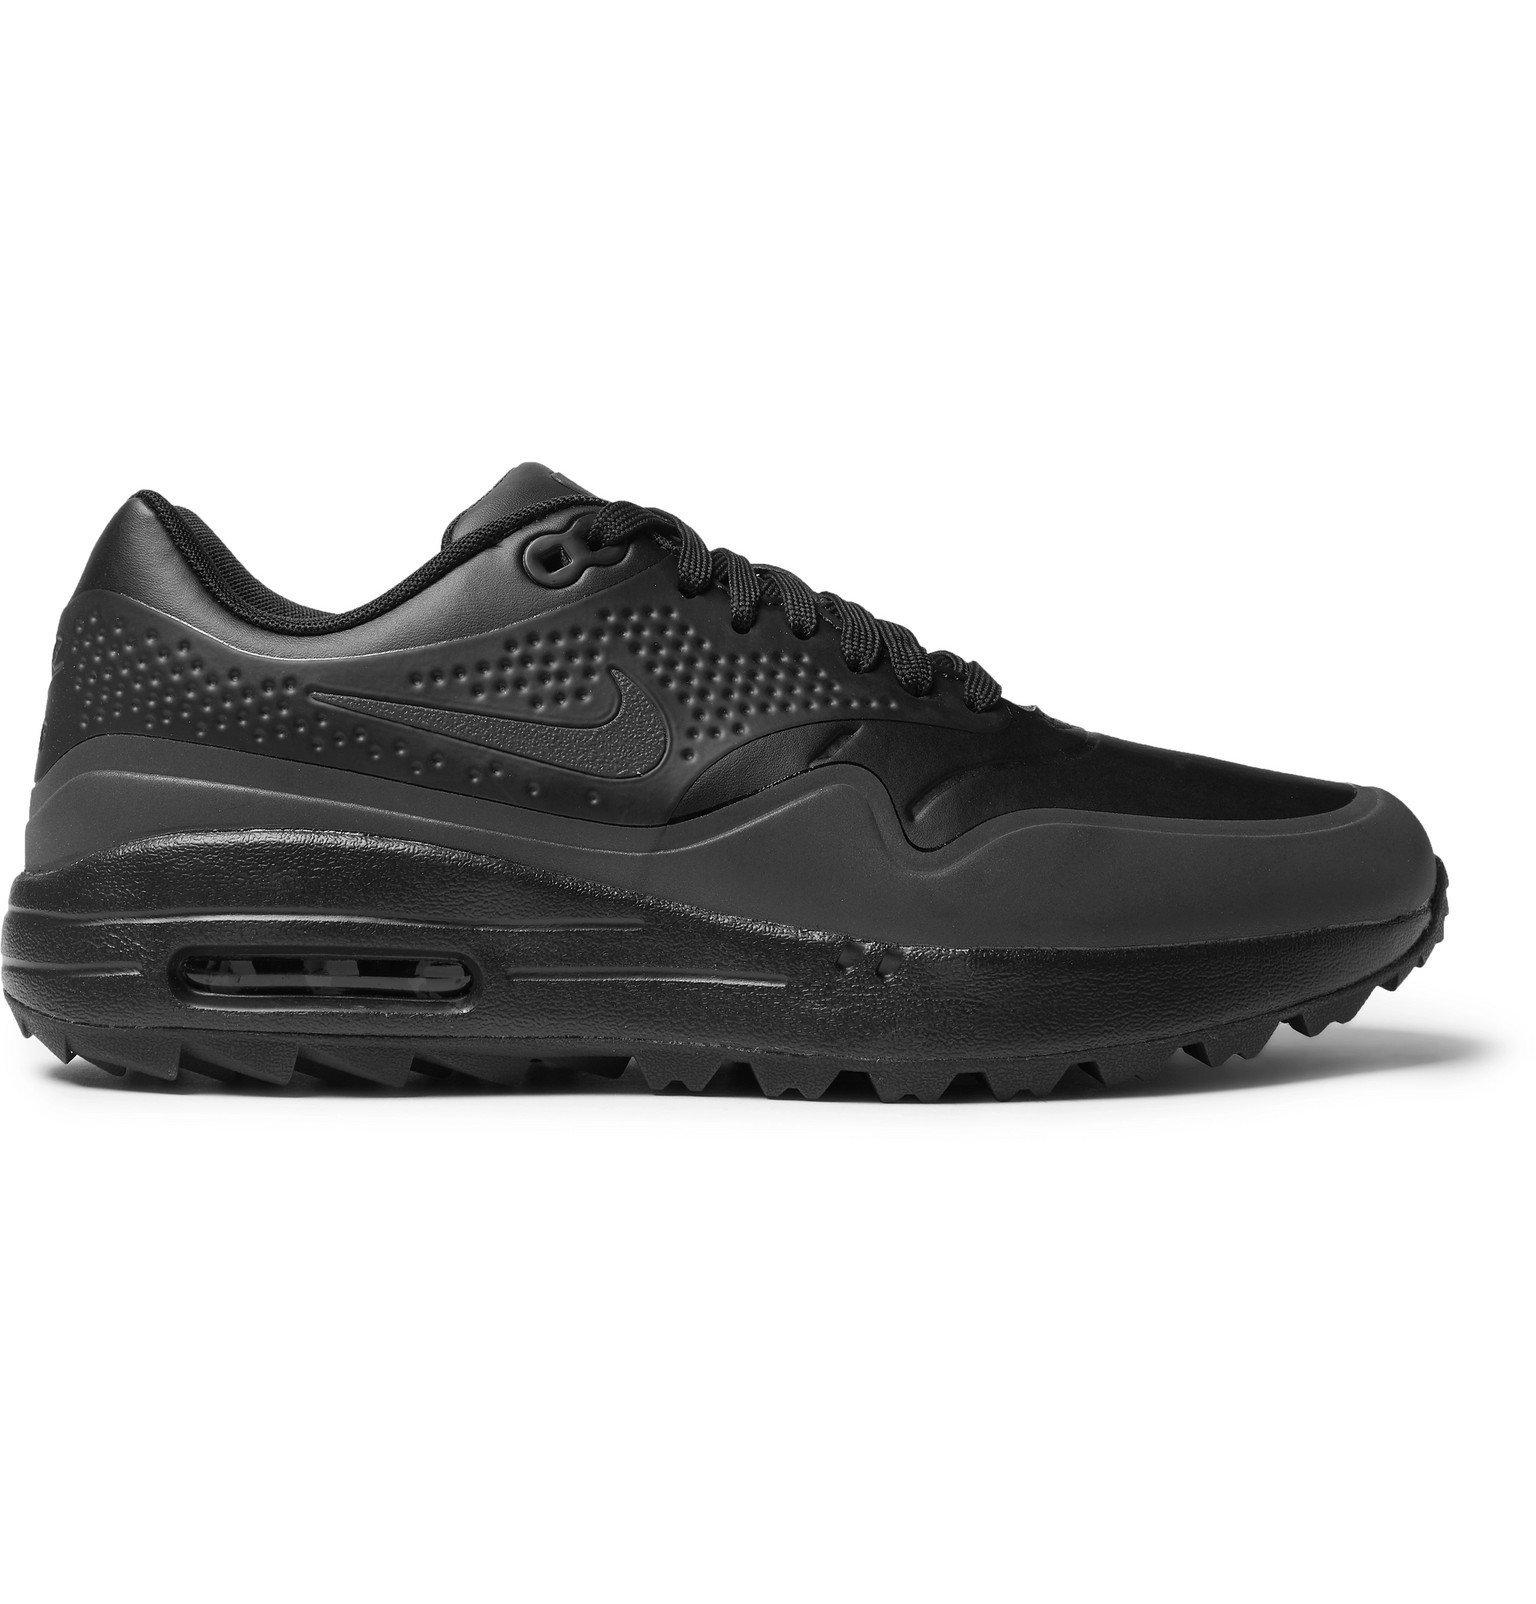 Nike Golf - Air Max 1G Coated-Mesh Golf Shoes - Black Nike Golf